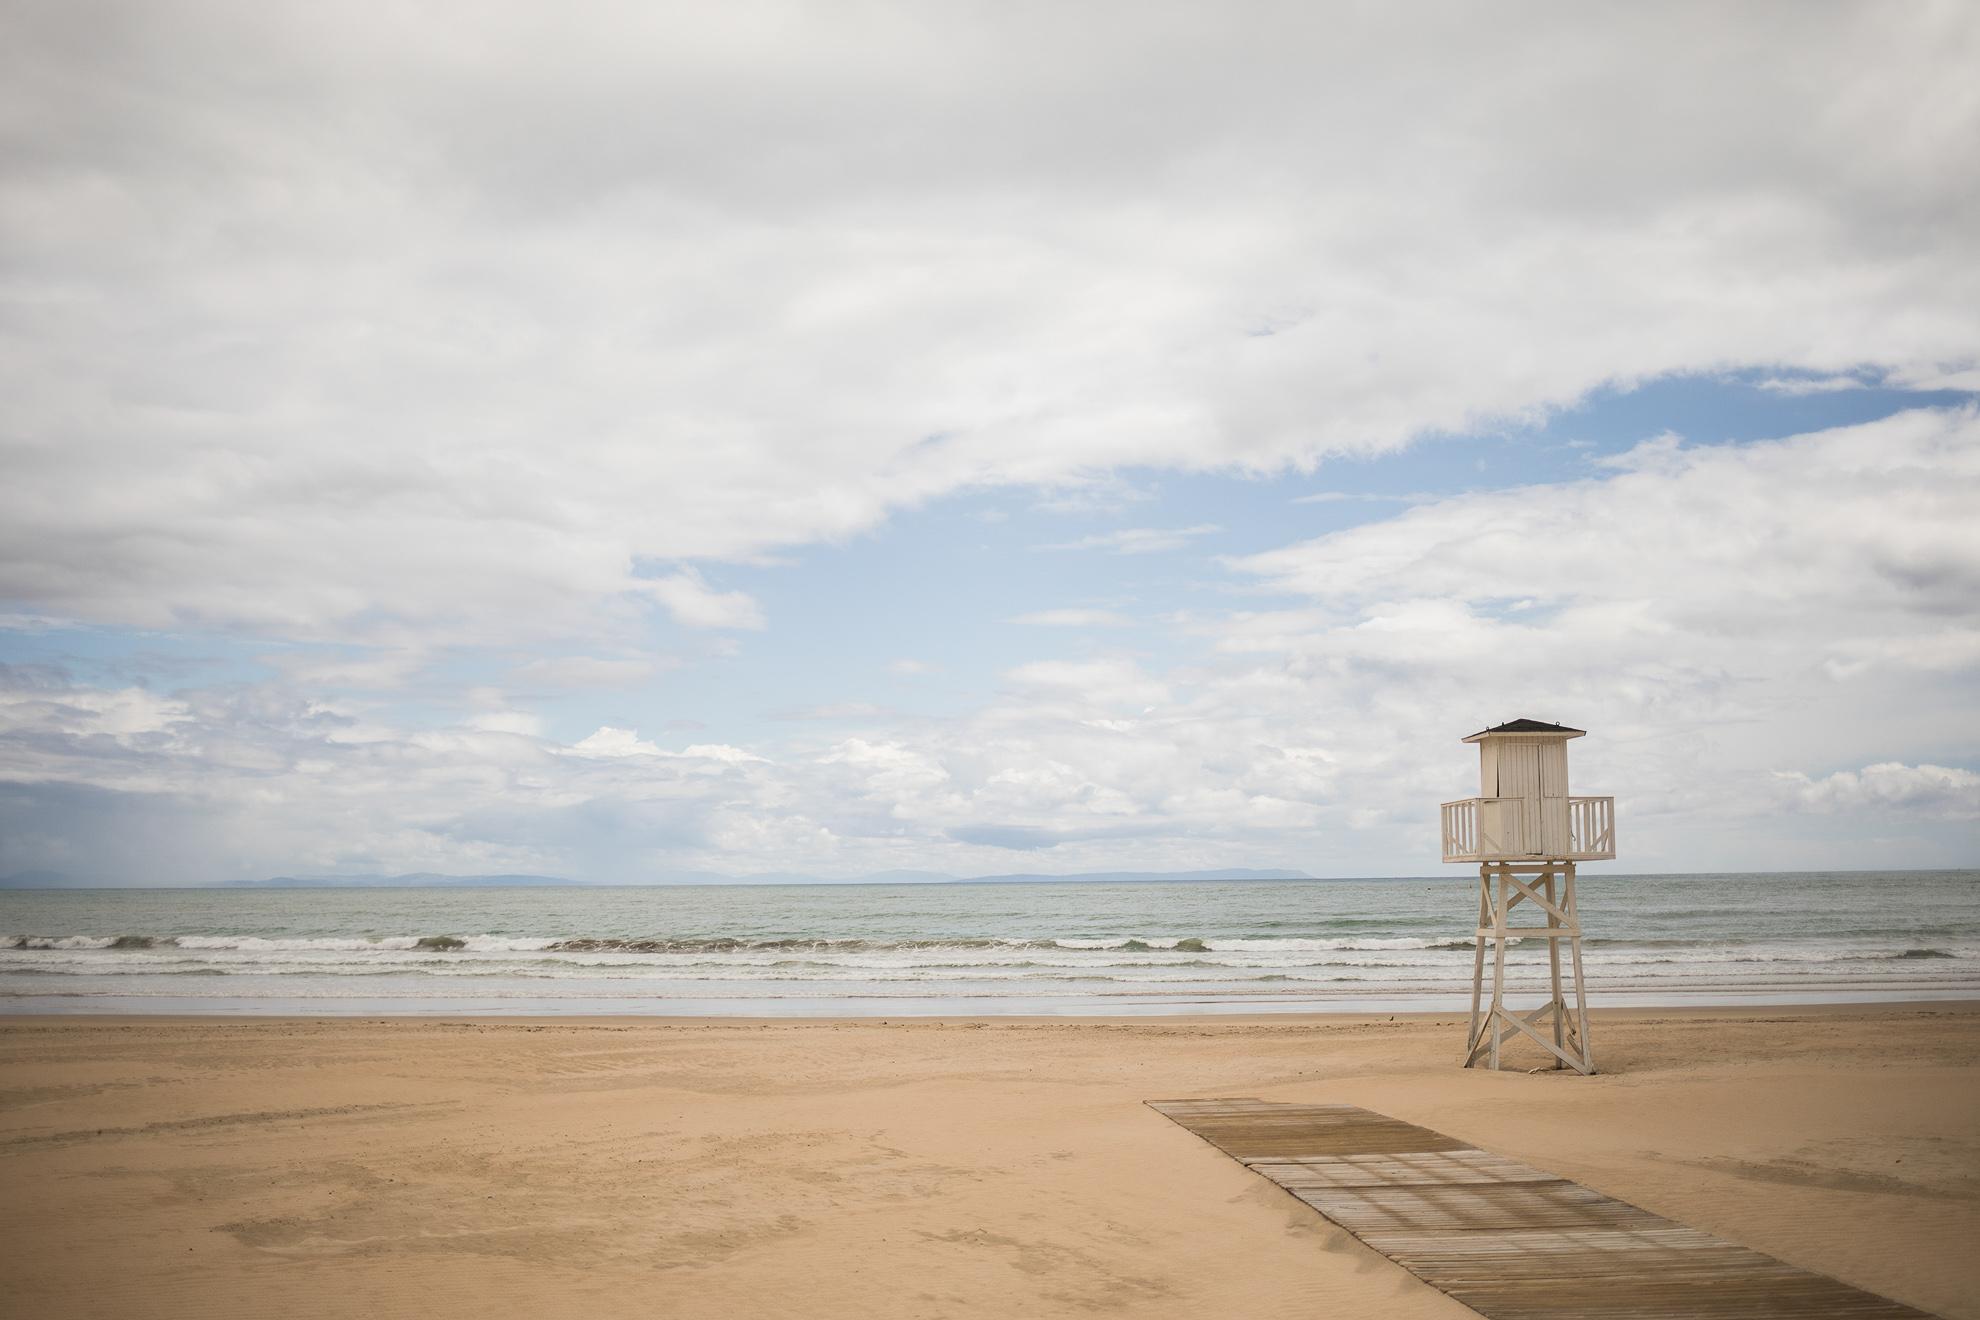 Mañana se pasa a Fase 2 de la desescalada en el confinamiento por la pandemia en muchos lugares, como el caso de la provincia de Cádiz. Entre otras actividades, se podrá disfrutar del baño en muchas de las playas de la provincia que, hasta ahora, permanecían vacías. Siendo los 138 kilómetros de playa de arena fina el principal atractivo turístico de la provincia y experimentando ya temperaturas superiores a los 30º C, se espera una gran afluencia de personas. Algunos ayuntamientos trabajan en la implantación en medidas de control de aforo, otros en ampliar el periodo de prohibición del baño hasta más adelante. En la imagen, la playa de Barbate completamente vacía de personas.